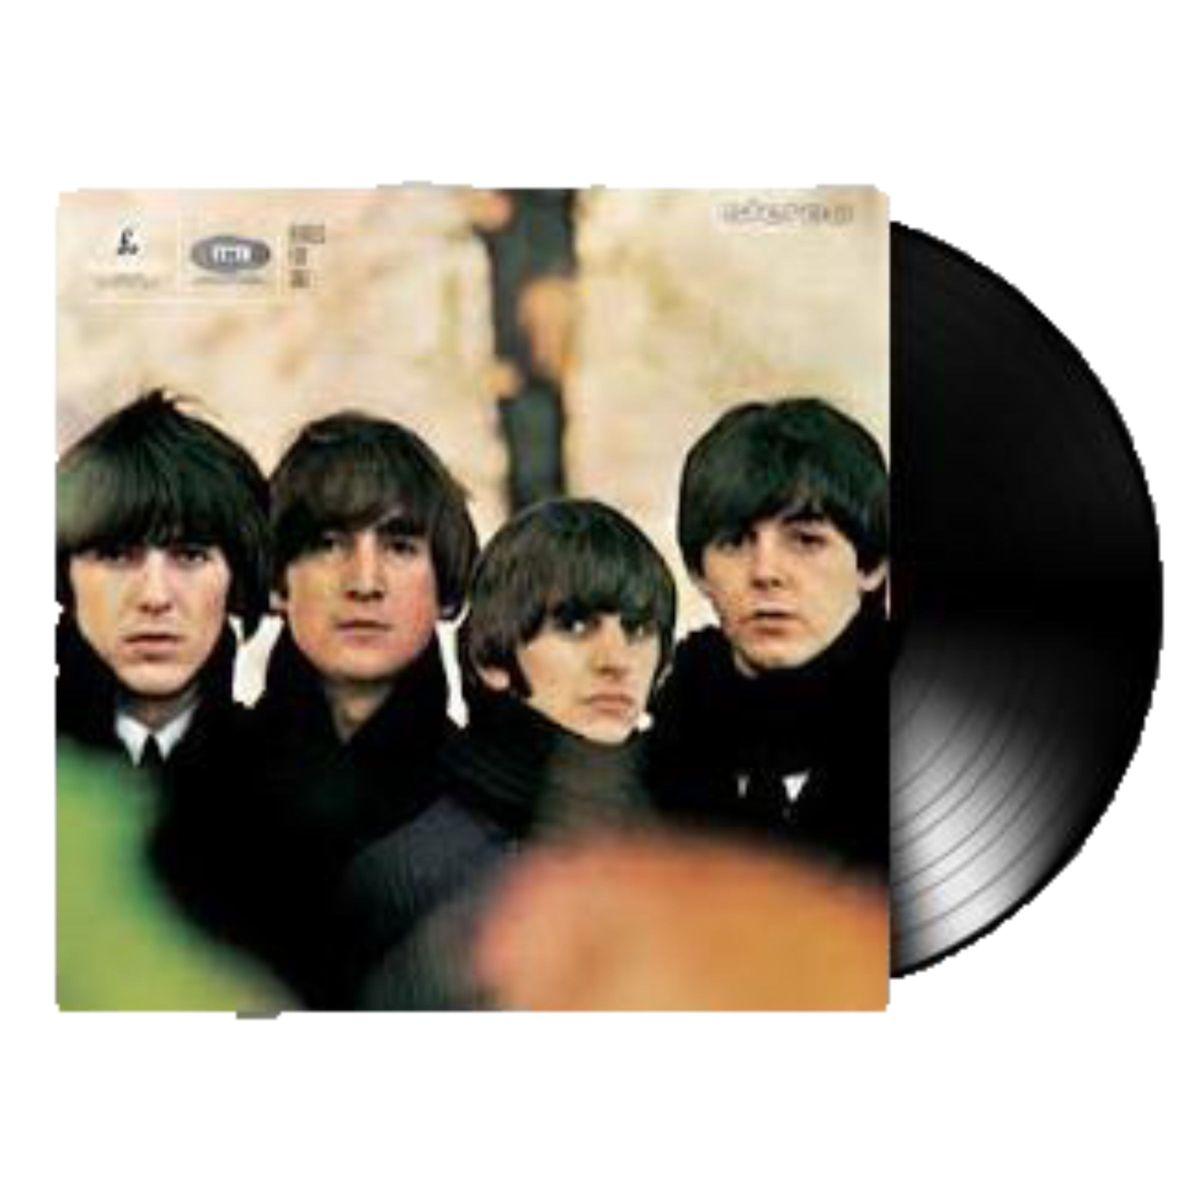 Beatles For Sale (Stereo 180 Gram Vinyl)